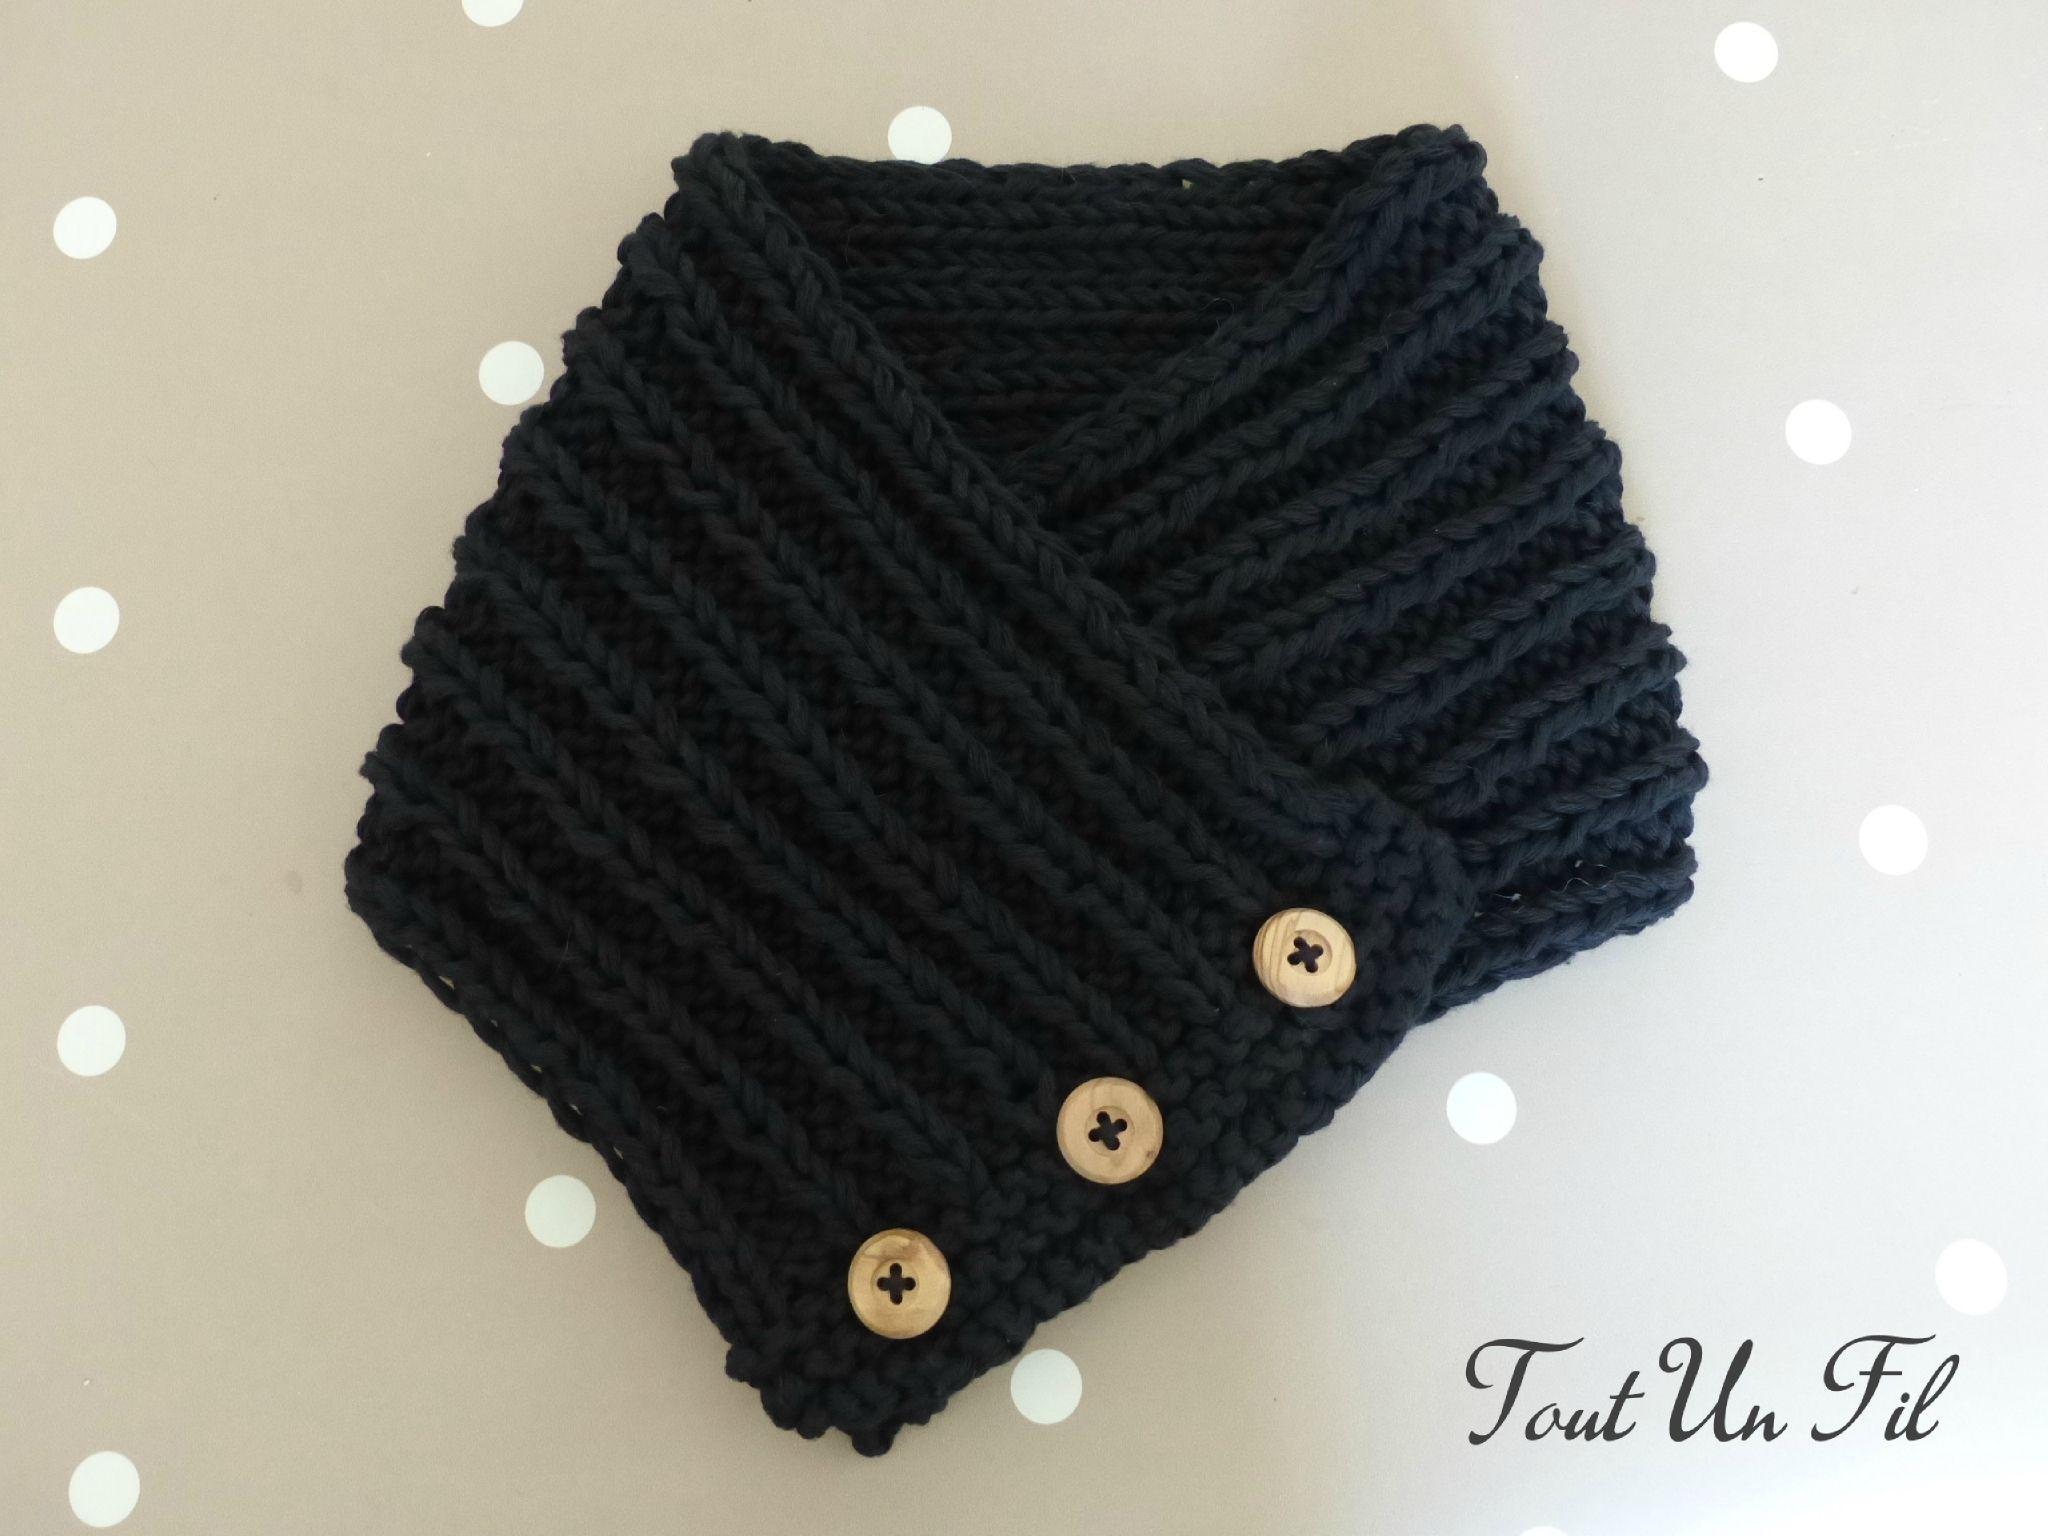 Col chaud pour jeune homme - Tout un Fil   Tricot   Knit   Pinterest ... f3f7dff0a10